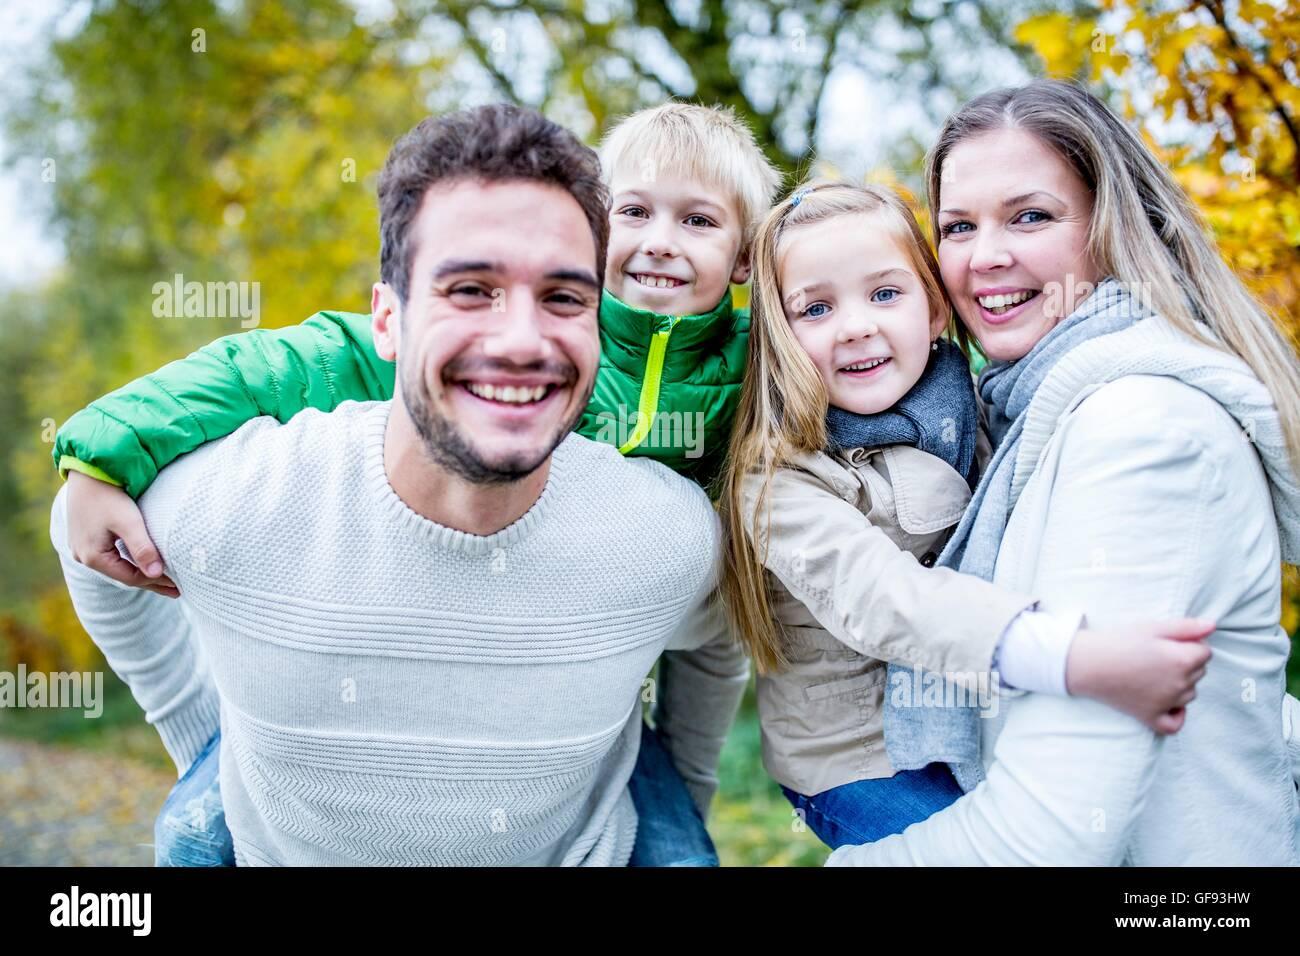 Modelo liberado. Los padres llevan a sus hijos en otoño, retrato, sonriendo. Foto de stock